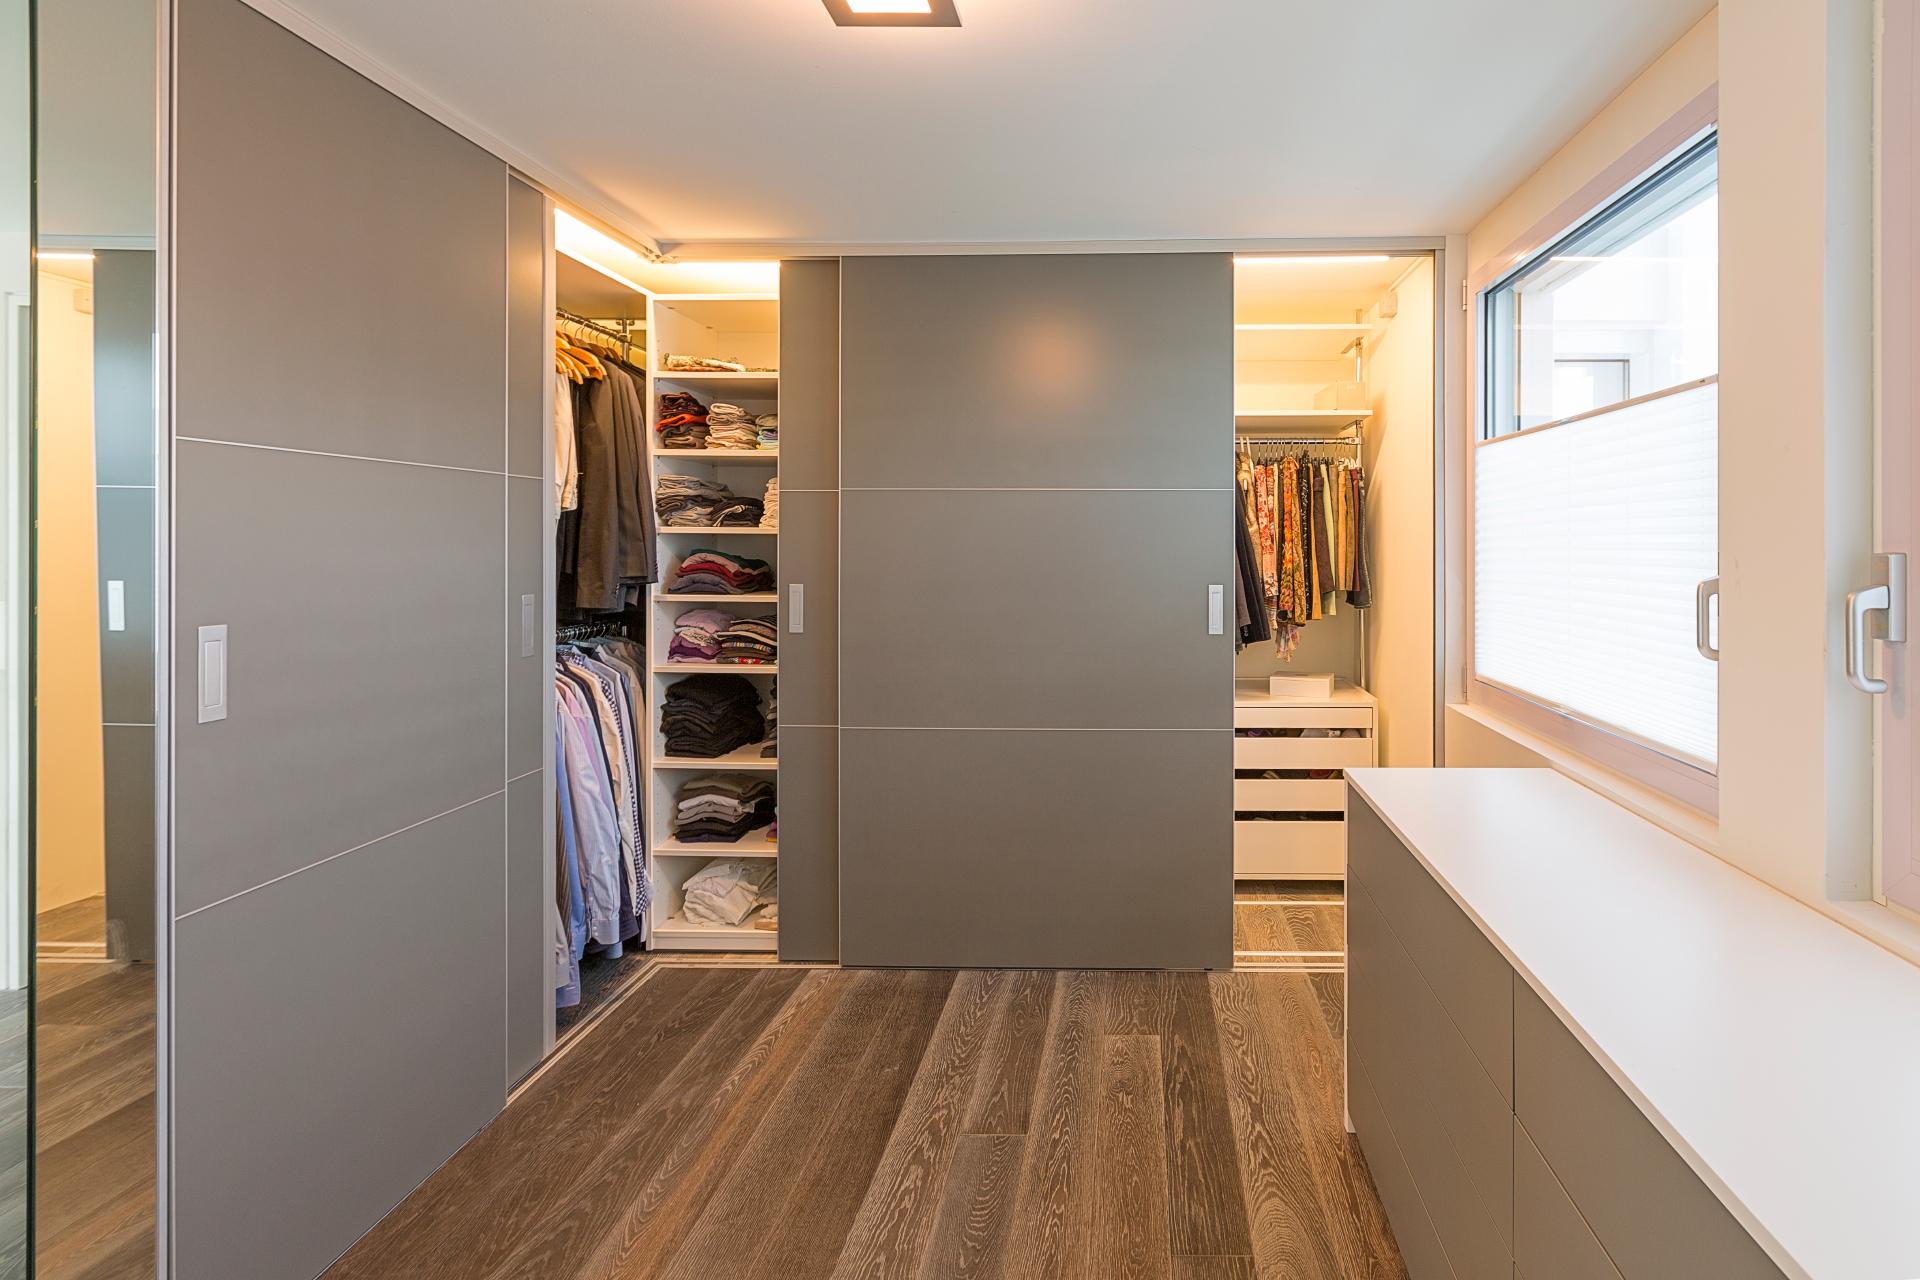 begehbarer eckschrank durch verschiebbare regale auf zu. Black Bedroom Furniture Sets. Home Design Ideas